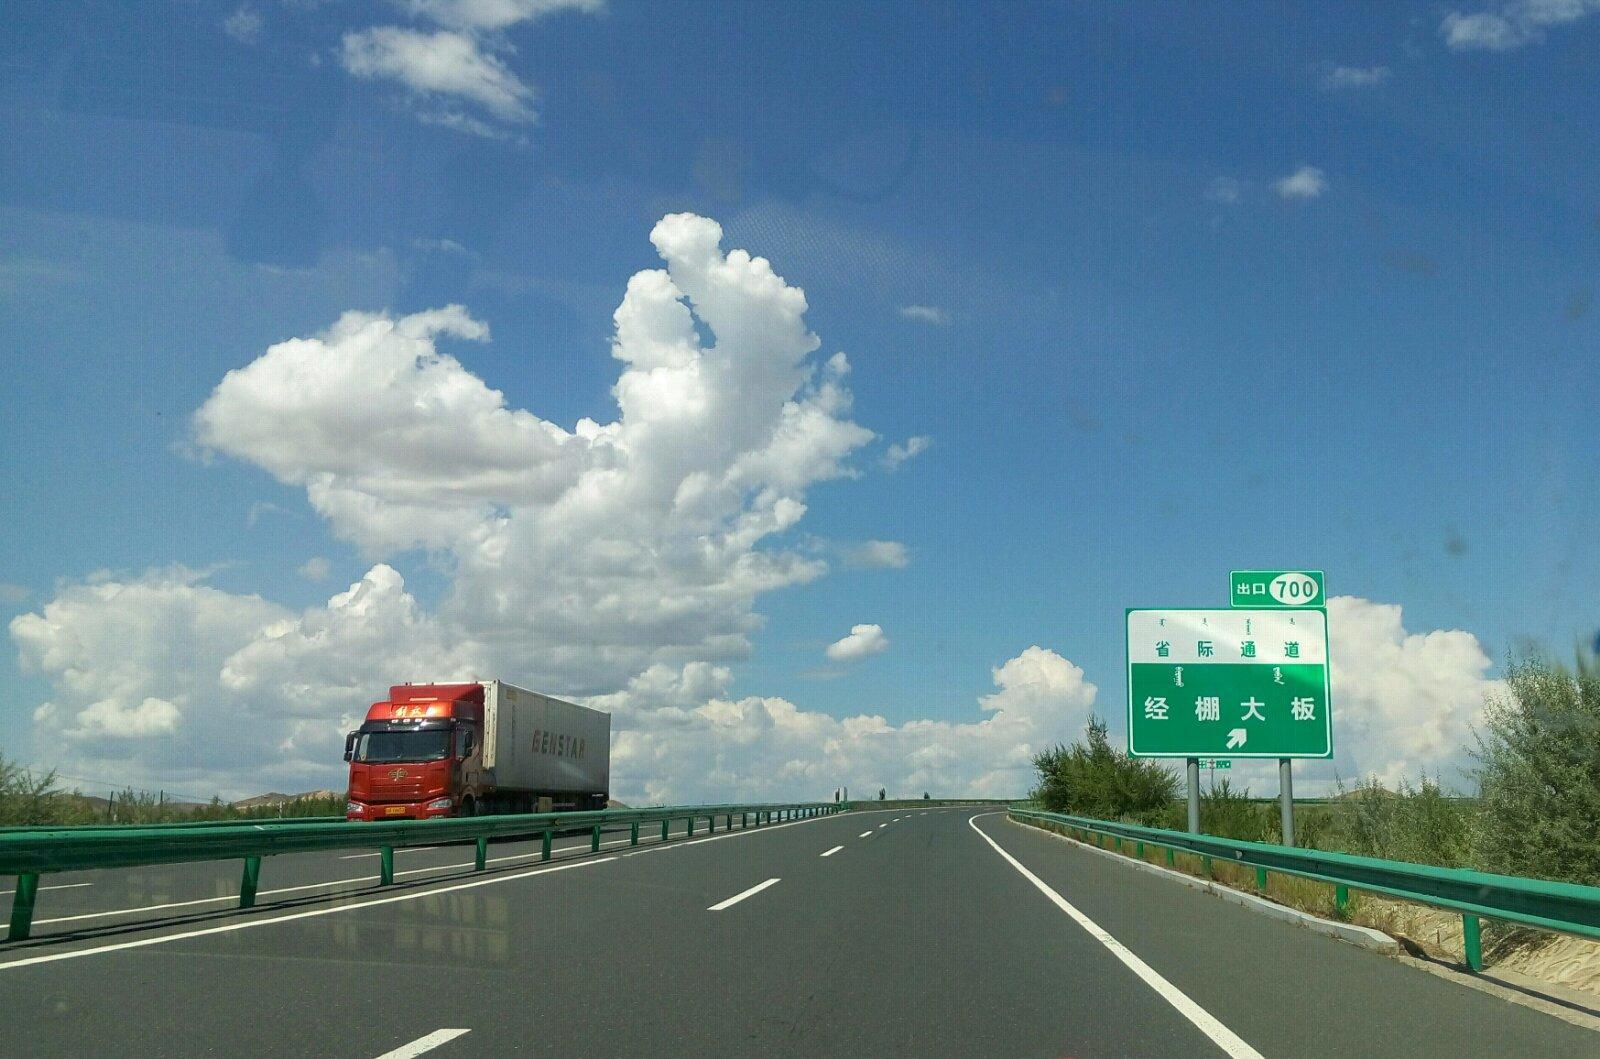 兴安盟-高速路